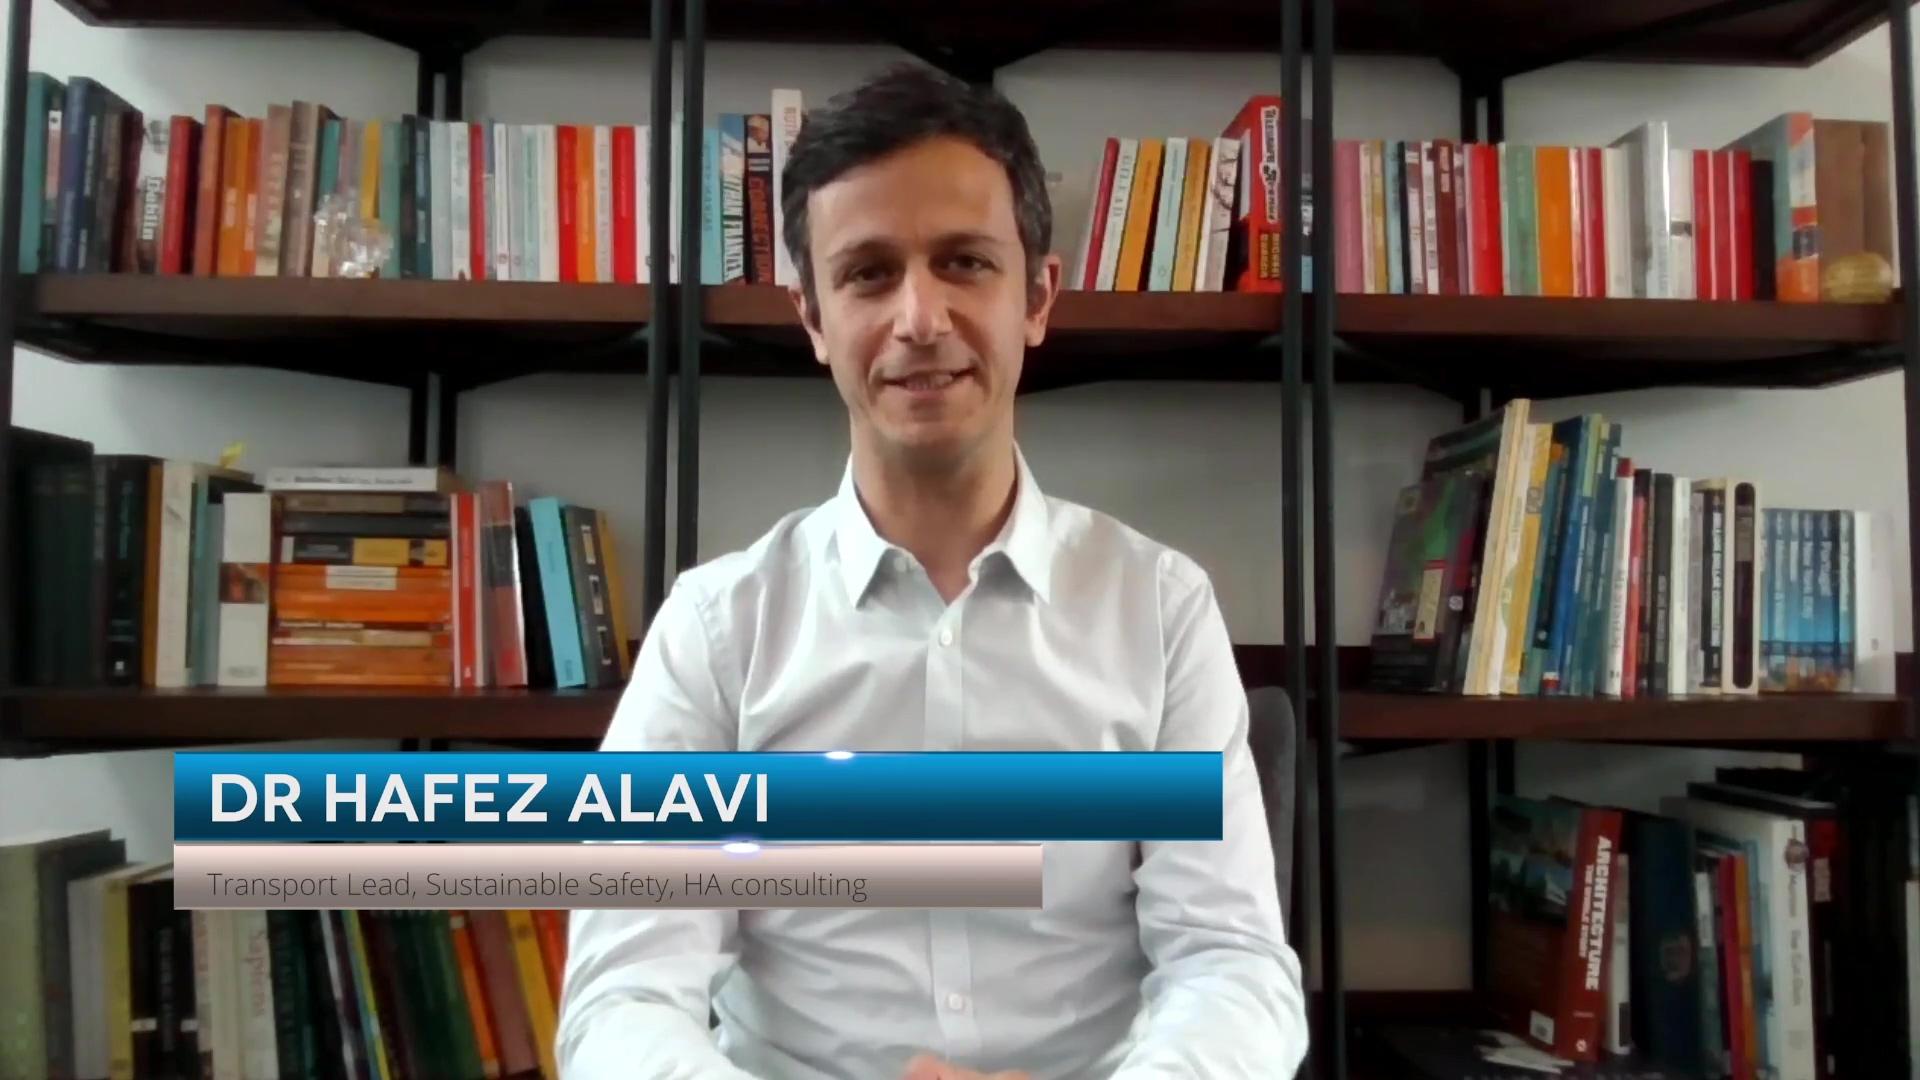 SUMP_Hafez_Social_Video